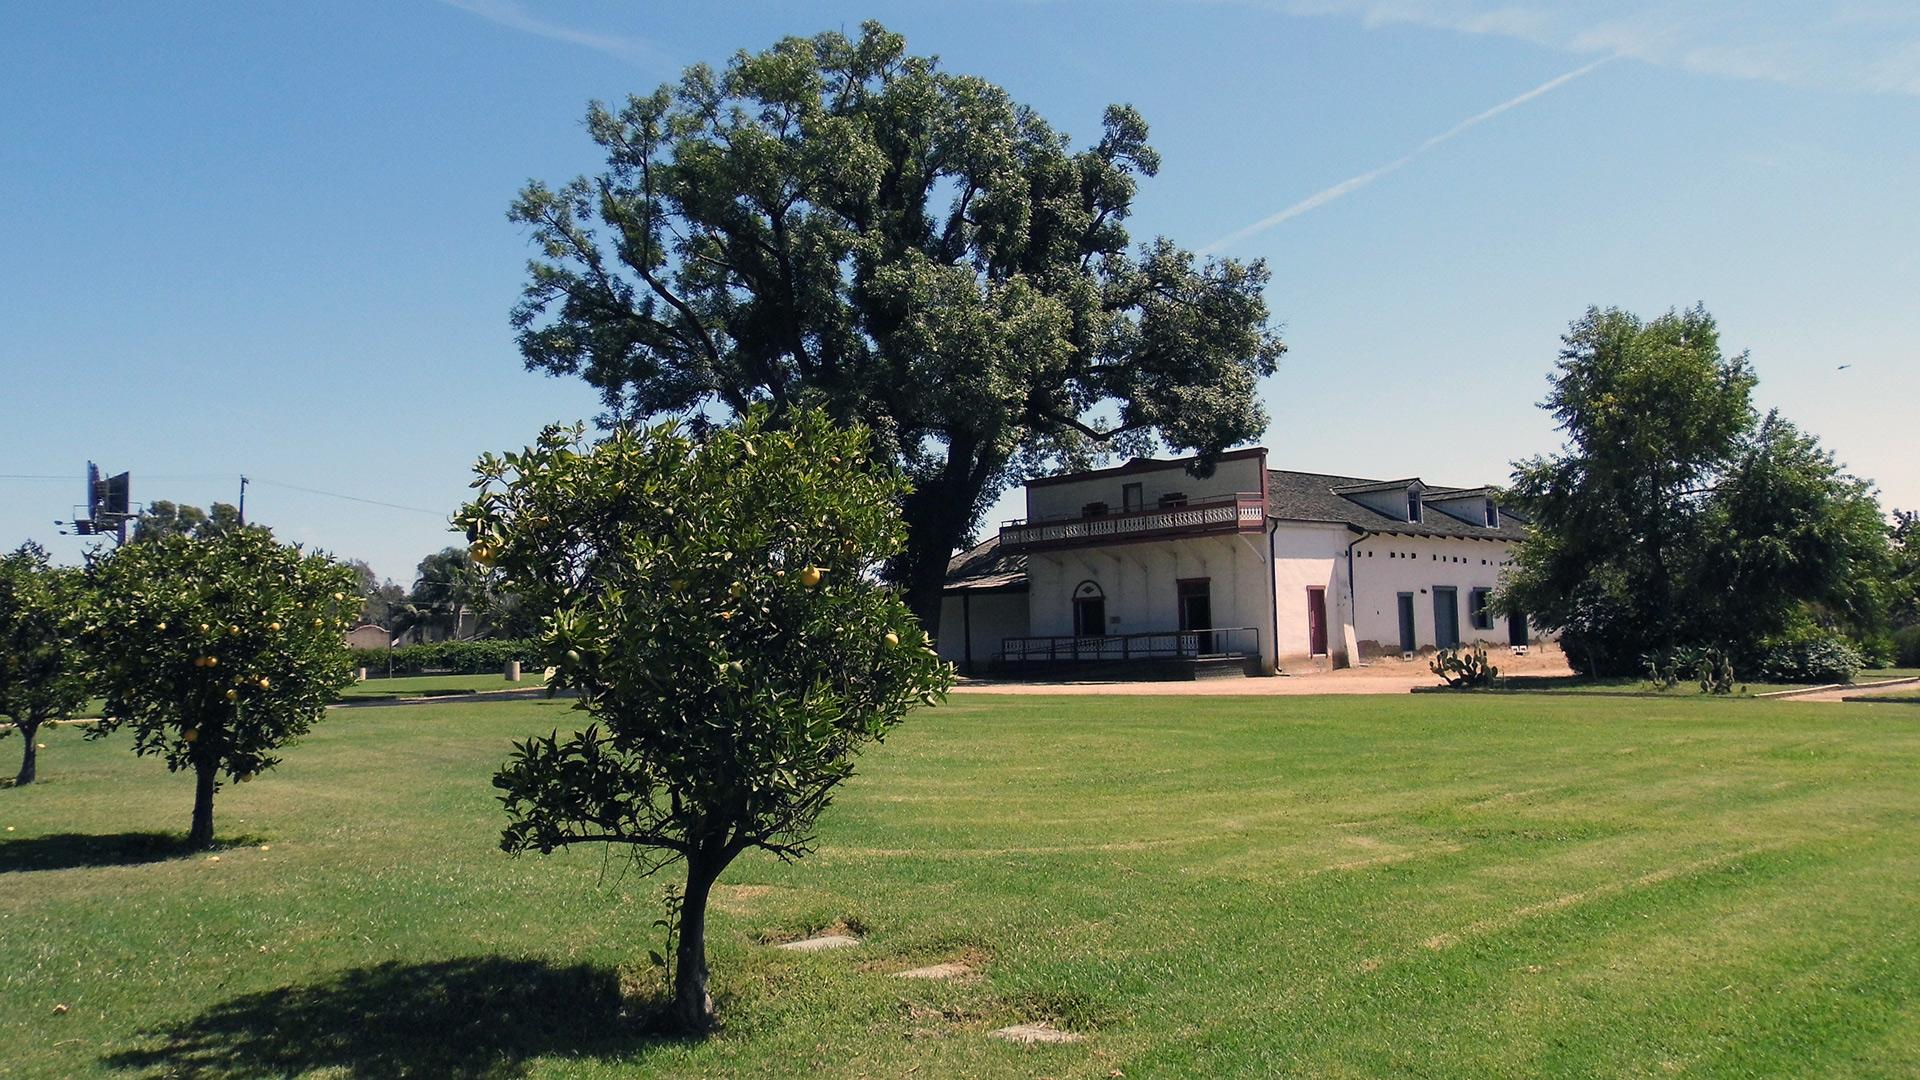 Pío Pico State Historic Park